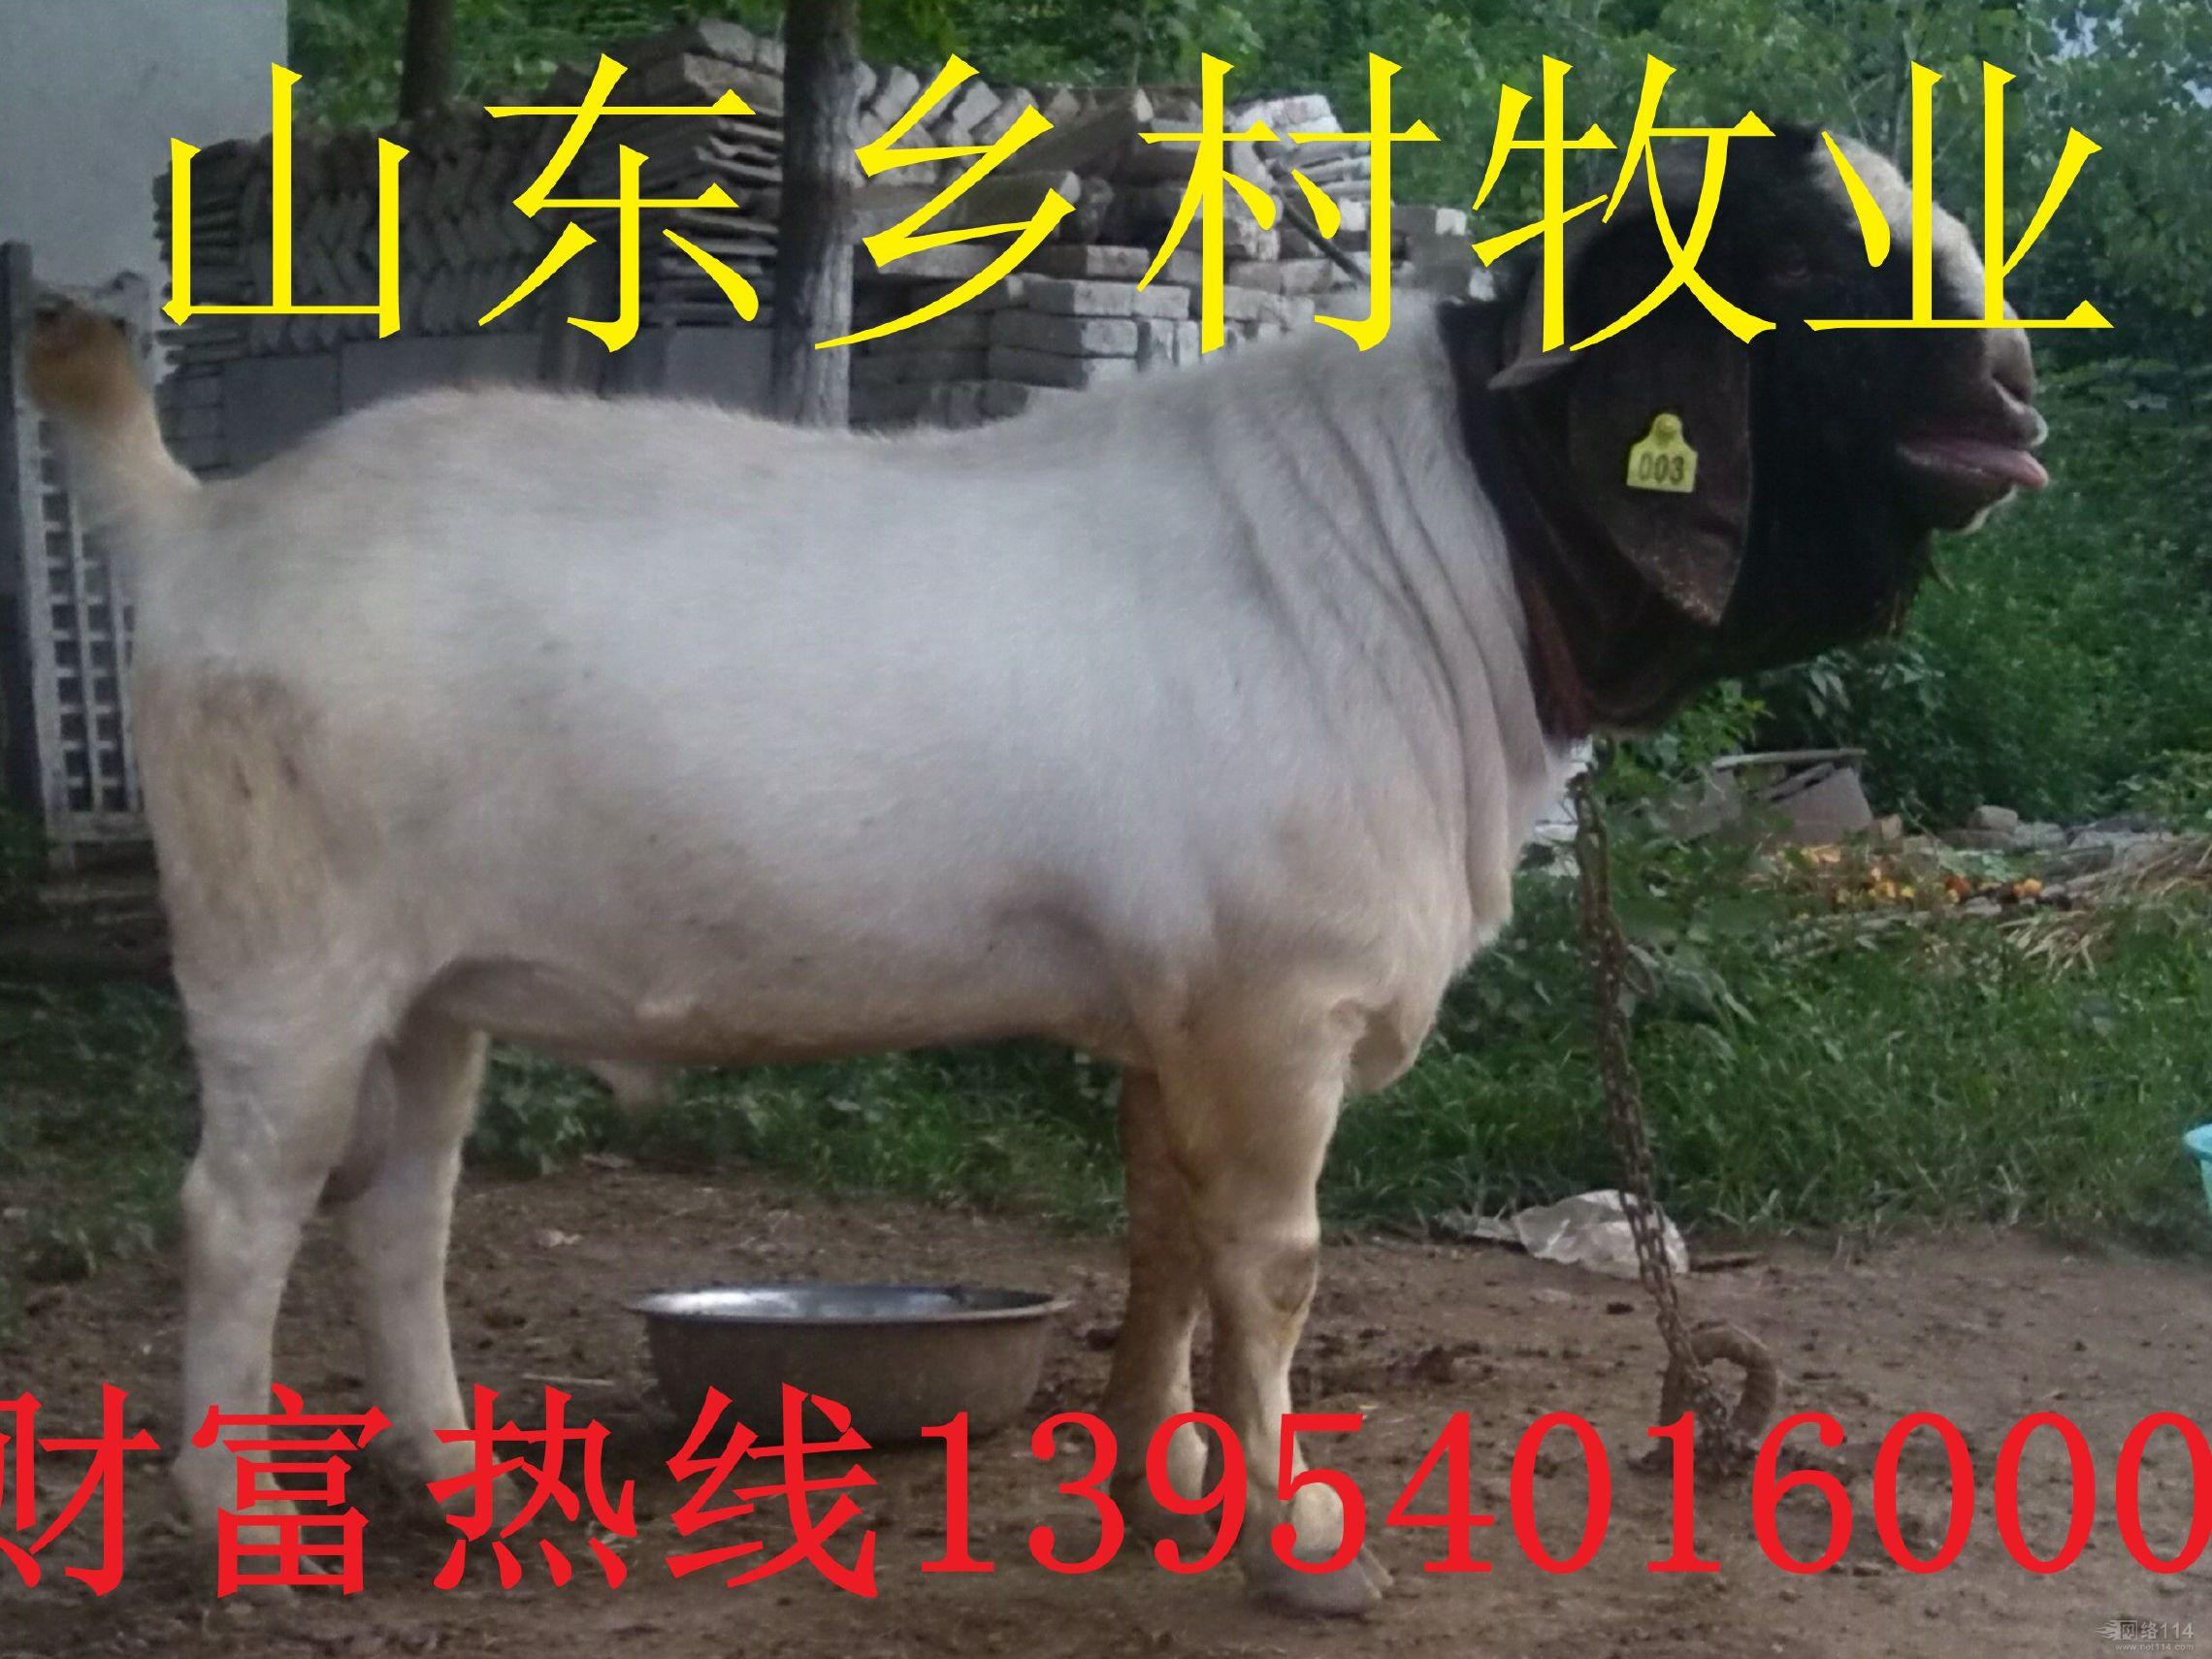 现货销售羊各种波尔山羊羊羔 山东波尔山羊养殖基地波尔山羊欢迎选购好品质波尔山羊示例图2